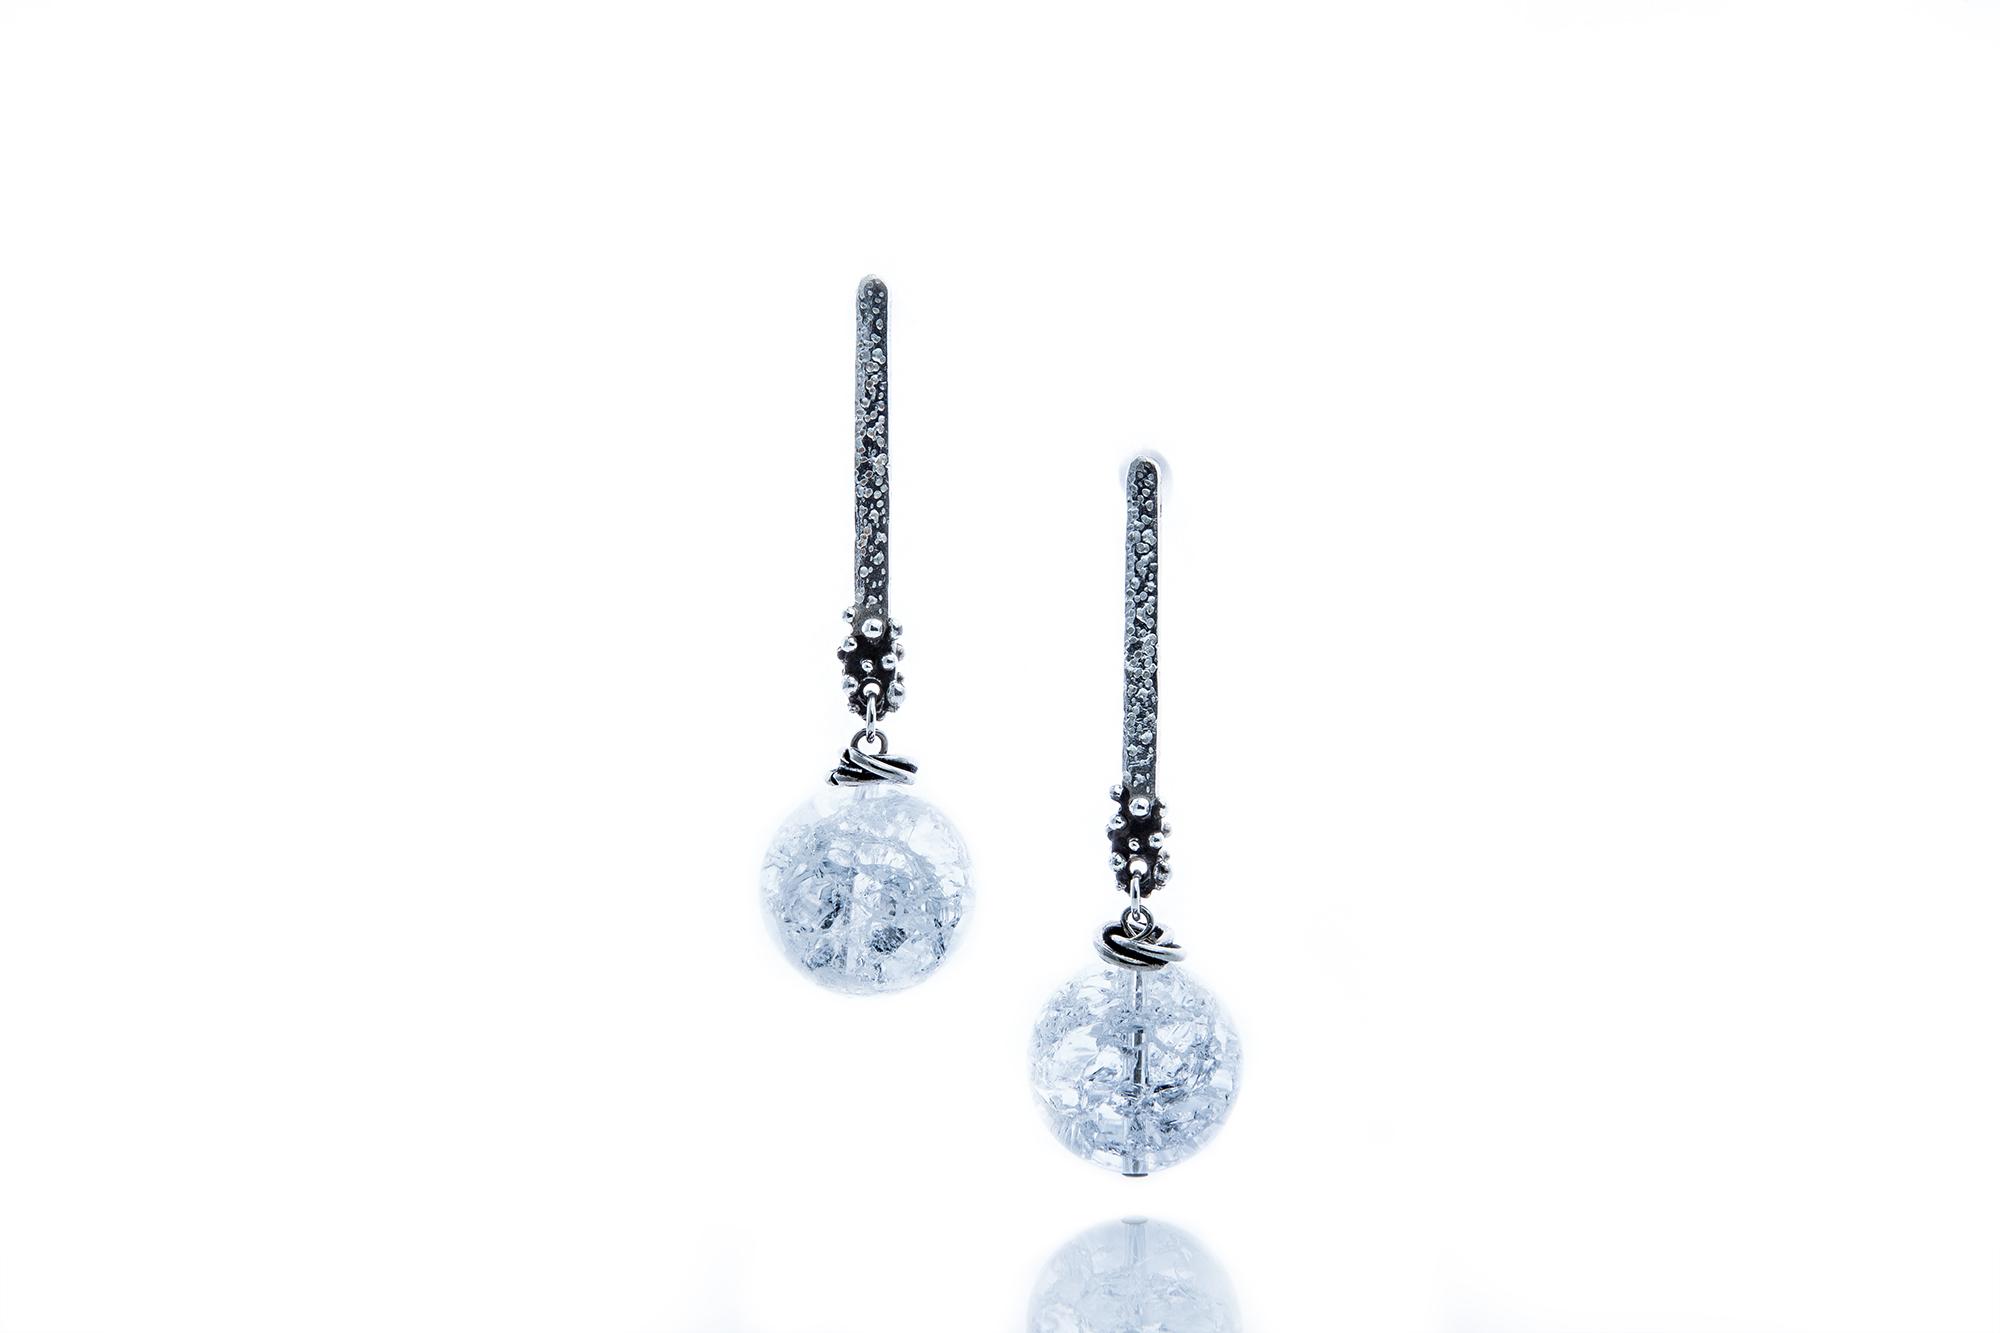 Rock Crystal drop earrings